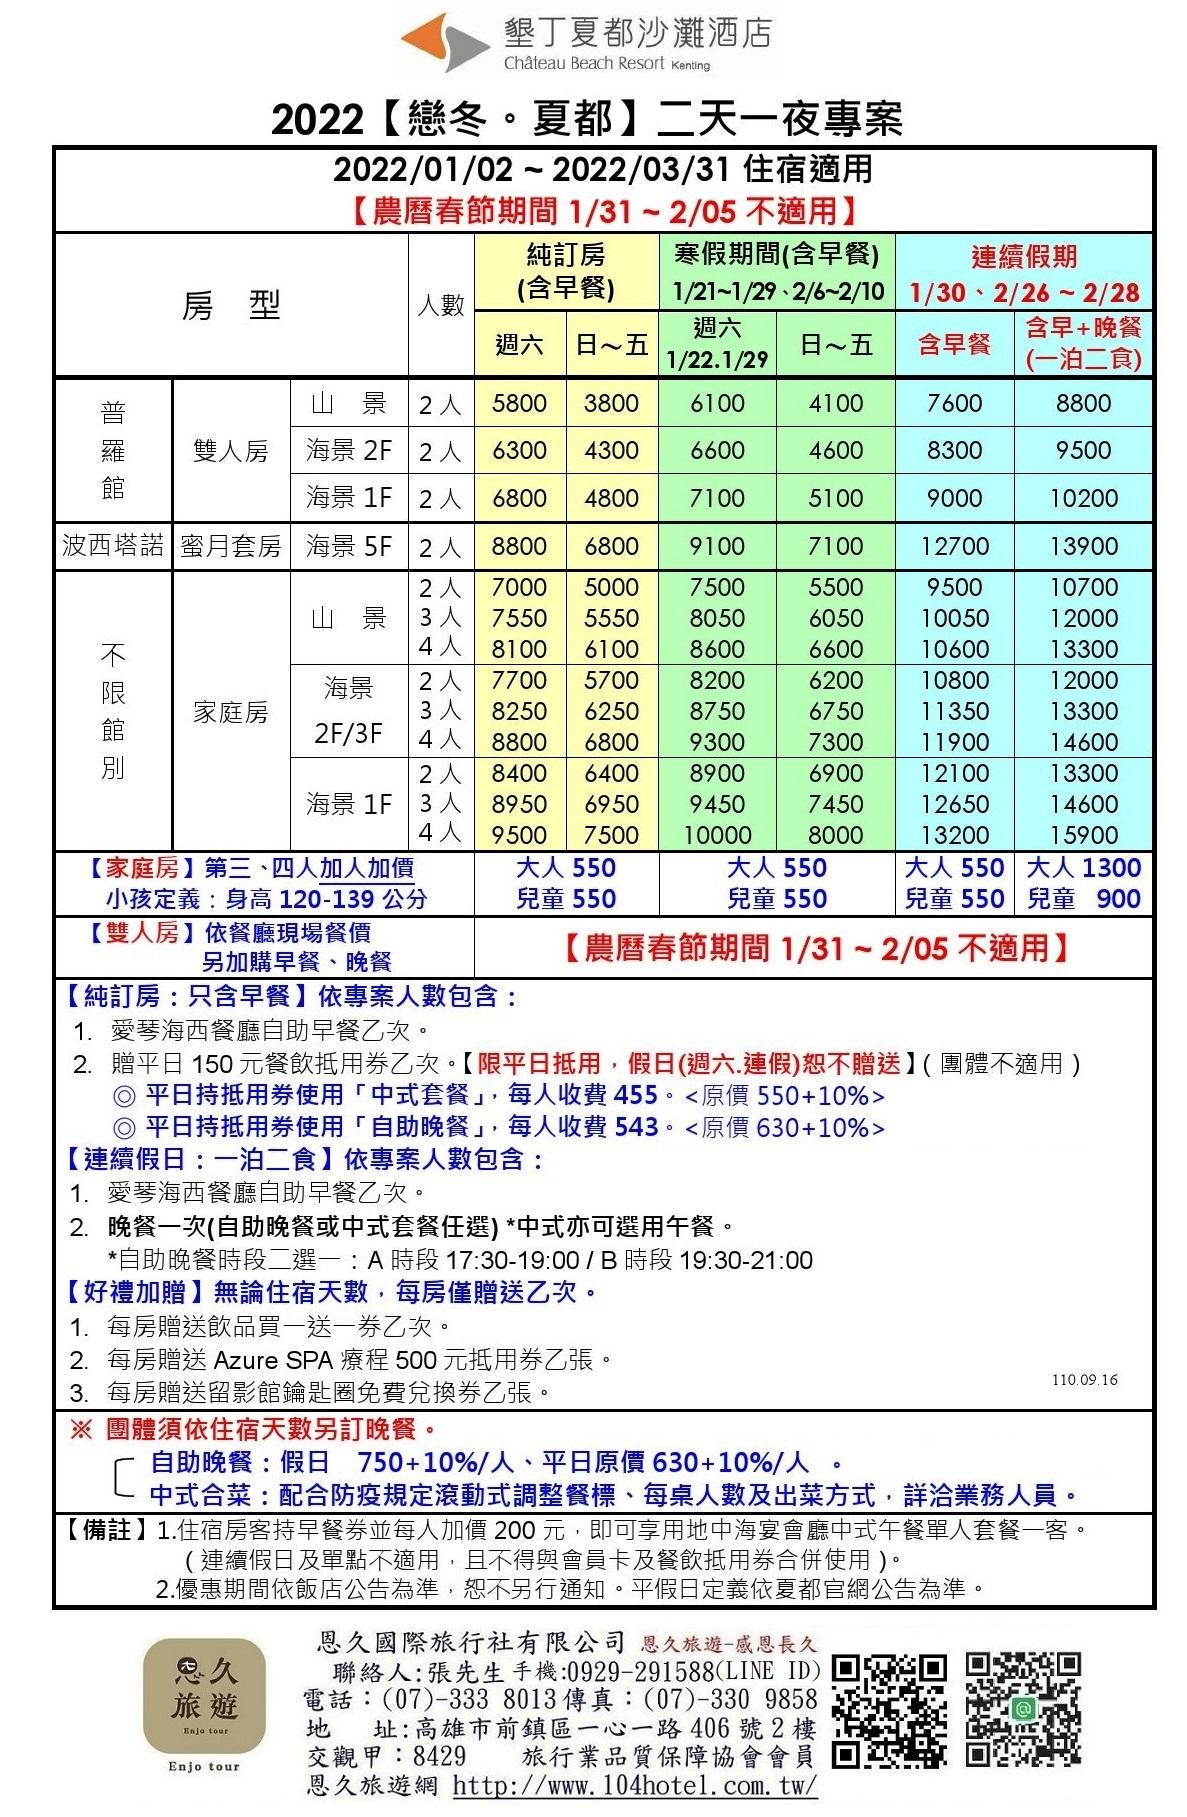 (旅)2022年01-03月【戀冬夏都】二天一夜專案-110.09.16 -恩久旅遊-1